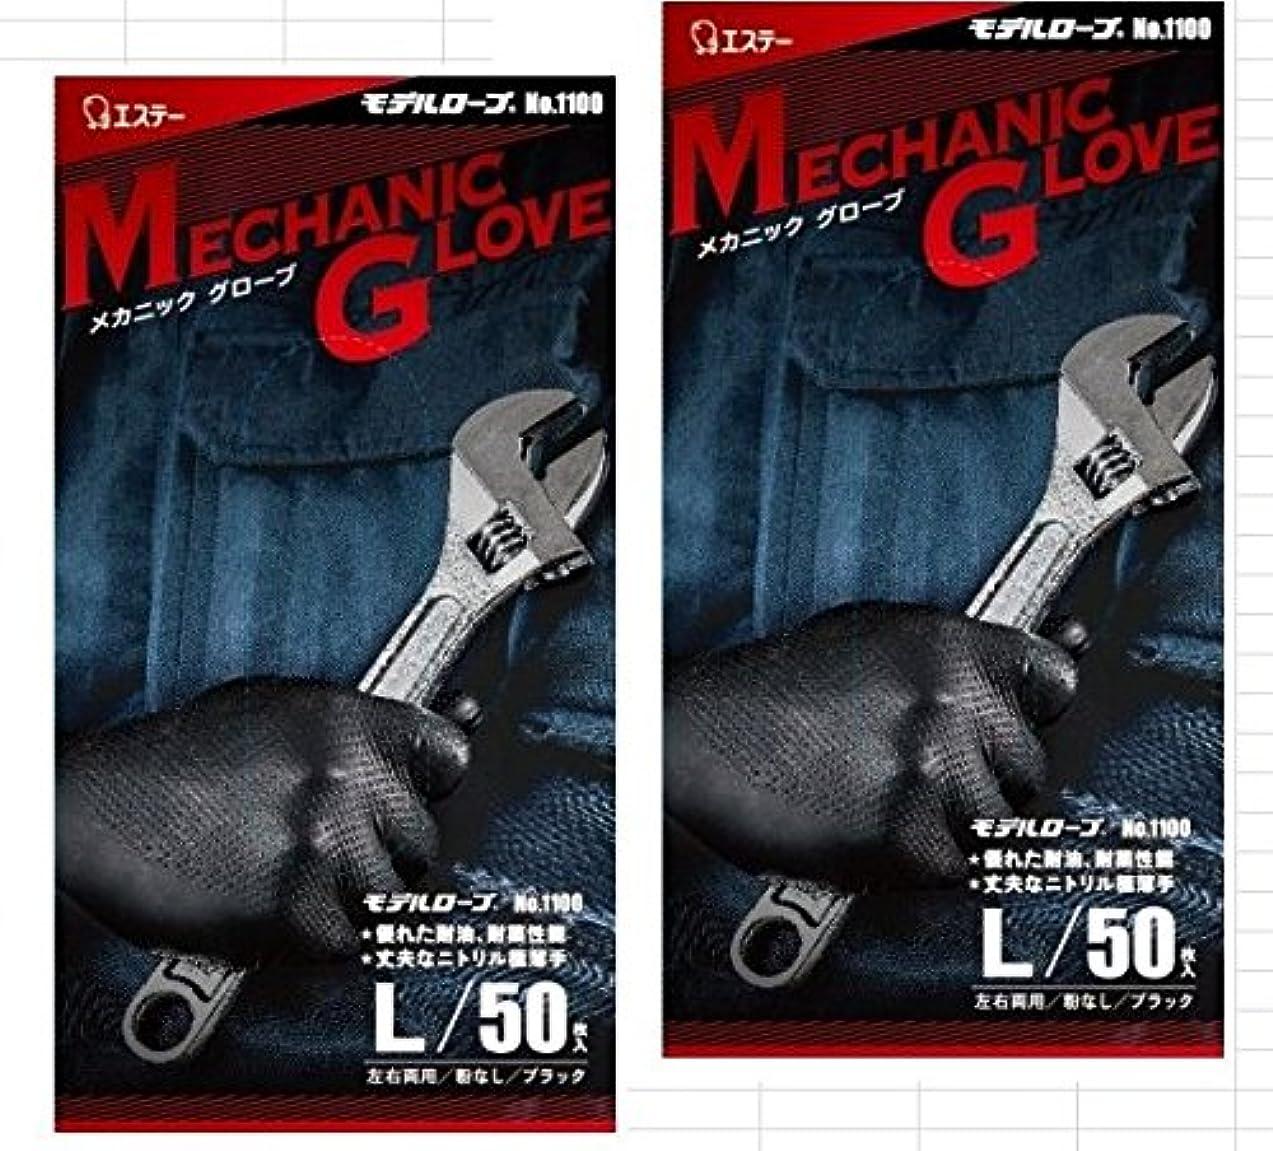 記念品シール程度【2組】モデルローブ No.1100 メカニックグローブ Lサイズ ブラック 50枚 …